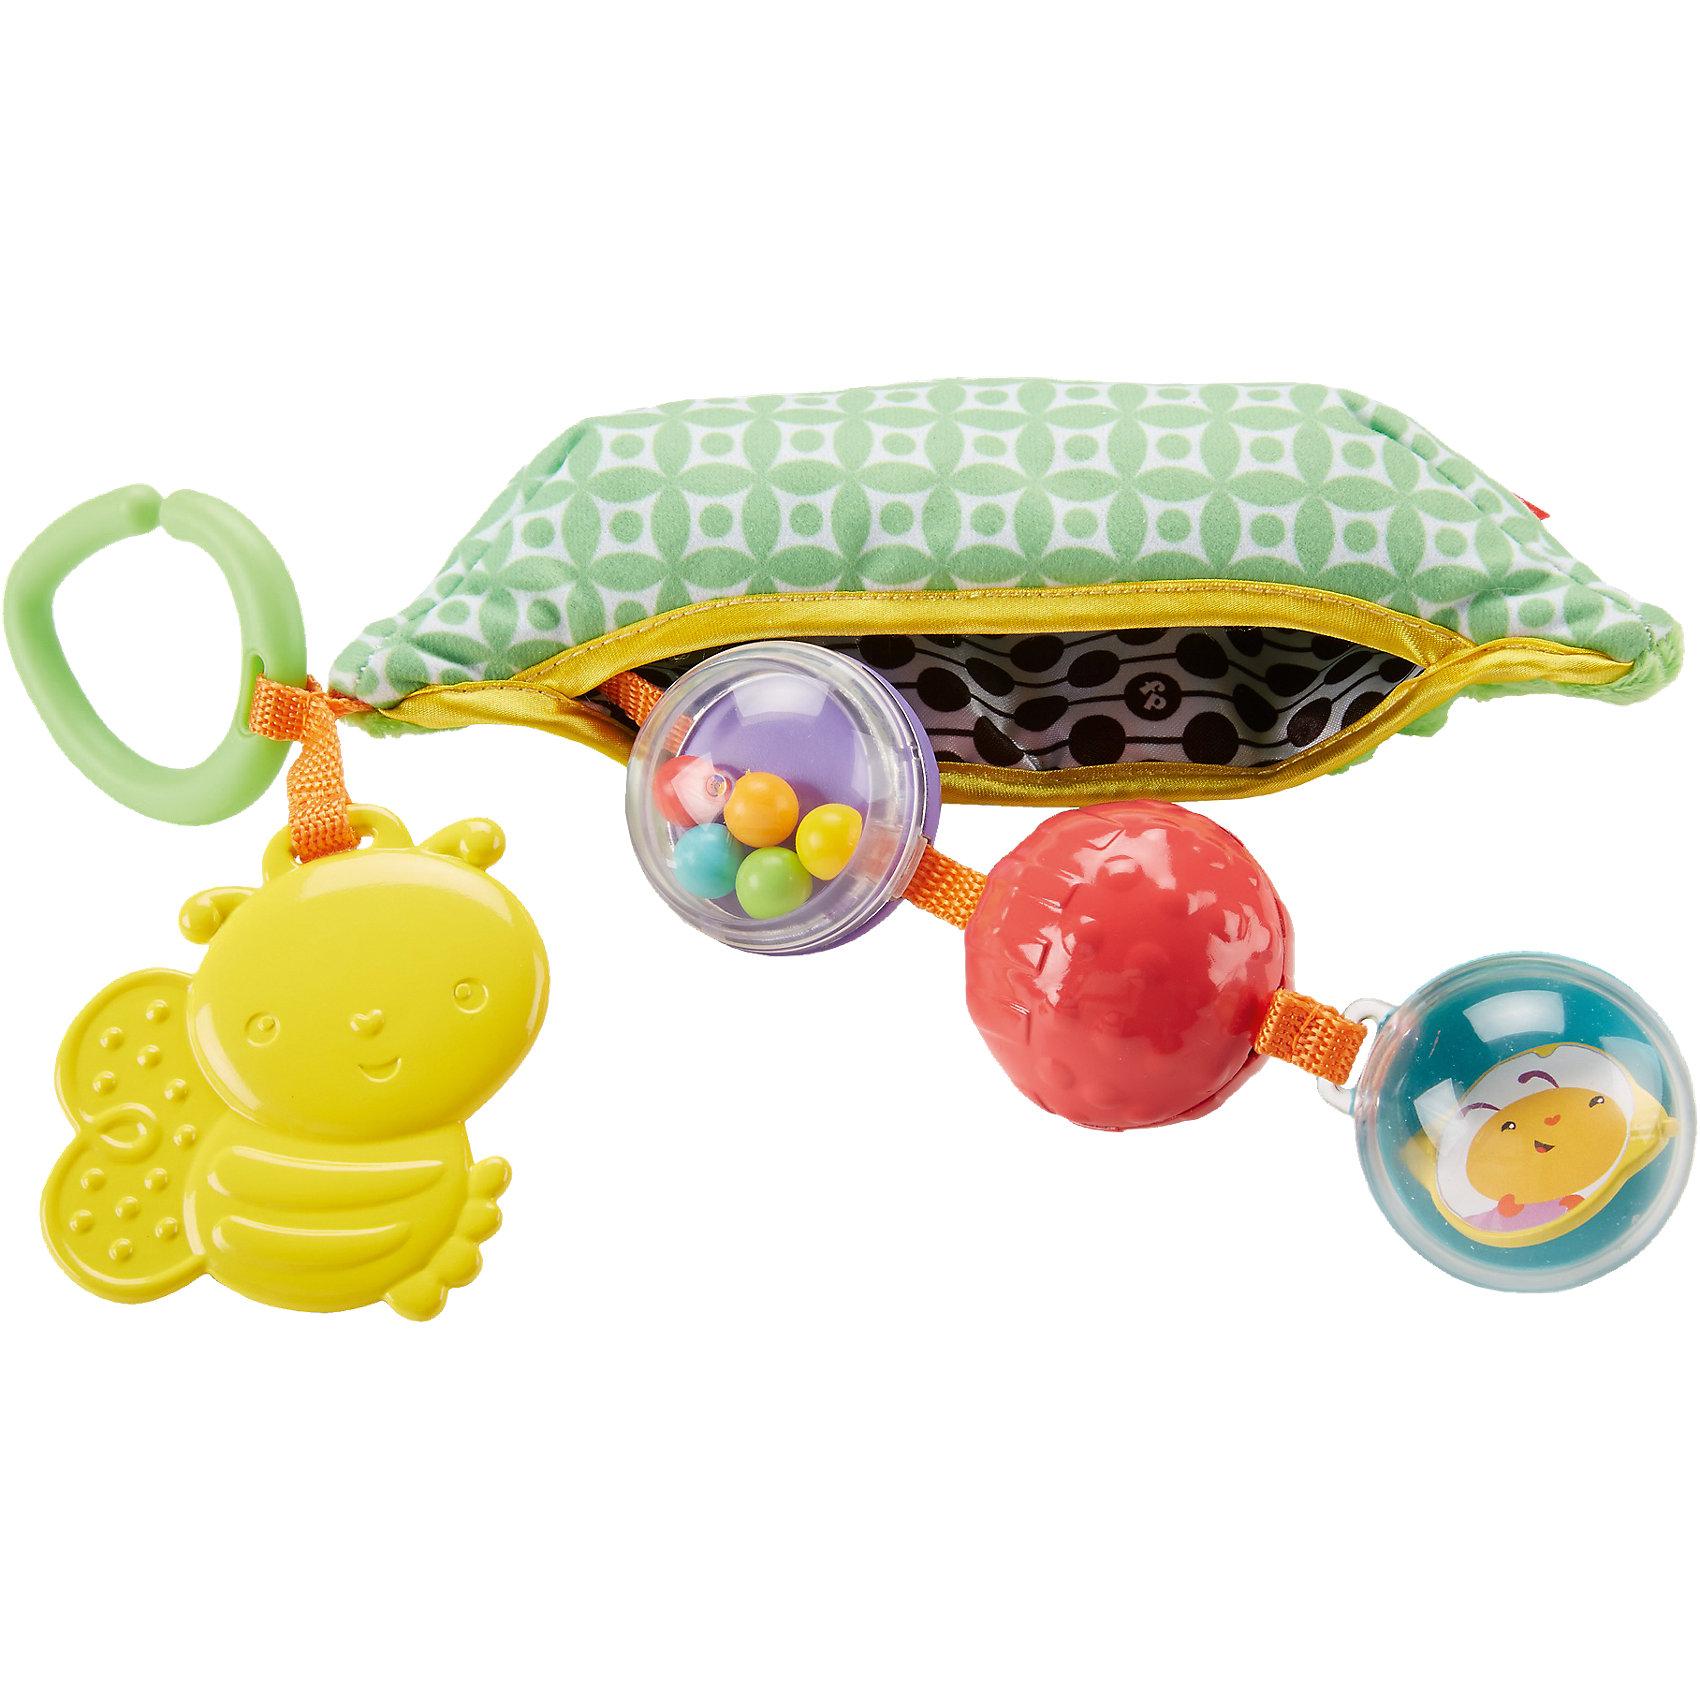 Плюшевая игрушка-погремушка Горошек, Fisher PriceПогремушки<br>Плюшевая игрушка-погремушка Горошек, Fisher Price (Фишер Прайс)<br><br>Характеристики:<br><br>• мягкий стручок горошка с игрушками внутри<br>• внутренняя часть игрушки состоит из погремушки, рельефного шарика, безопасного зеркала и прорезывателя<br>• есть крапление для коляски<br>• не содержит бисфенол А<br>• материал: пластик, текстиль<br>• длина стручка: 21 см<br>• размер упаковки: 25х10х7 см<br>• вес: 160 грамм<br><br>Горошек - универсальная игрушка, помогающая в развитии мелкой моторики, координации, тактильного и звукового восприятия малыша. Мягкая внешняя сторона выполнена в форме стручка зеленого горошка. Внутри него находятся три шарика: погремушка, рельефный шар и зеркальце. Малыш познакомится с разными формами и звуками. В комплект входит пчелка-прорезыватель. Она поможет уменьшить неприятные ощущения крохи в период прорезывания зубов. Пластиковый карабин позволяет прикрепить горошек к коляске или сумке, чтобы занимательная игрушка всегда была рядом с малышом. Веселый горошек подарит малышу много радостных моментов!<br><br>Плюшевую игрушку-погремушку Горошек, Fisher Price (Фишер Прайс) вы можете купить в нашем интернет-магазине.<br><br>Ширина мм: 221<br>Глубина мм: 129<br>Высота мм: 88<br>Вес г: 159<br>Возраст от месяцев: 6<br>Возраст до месяцев: 24<br>Пол: Унисекс<br>Возраст: Детский<br>SKU: 5248393